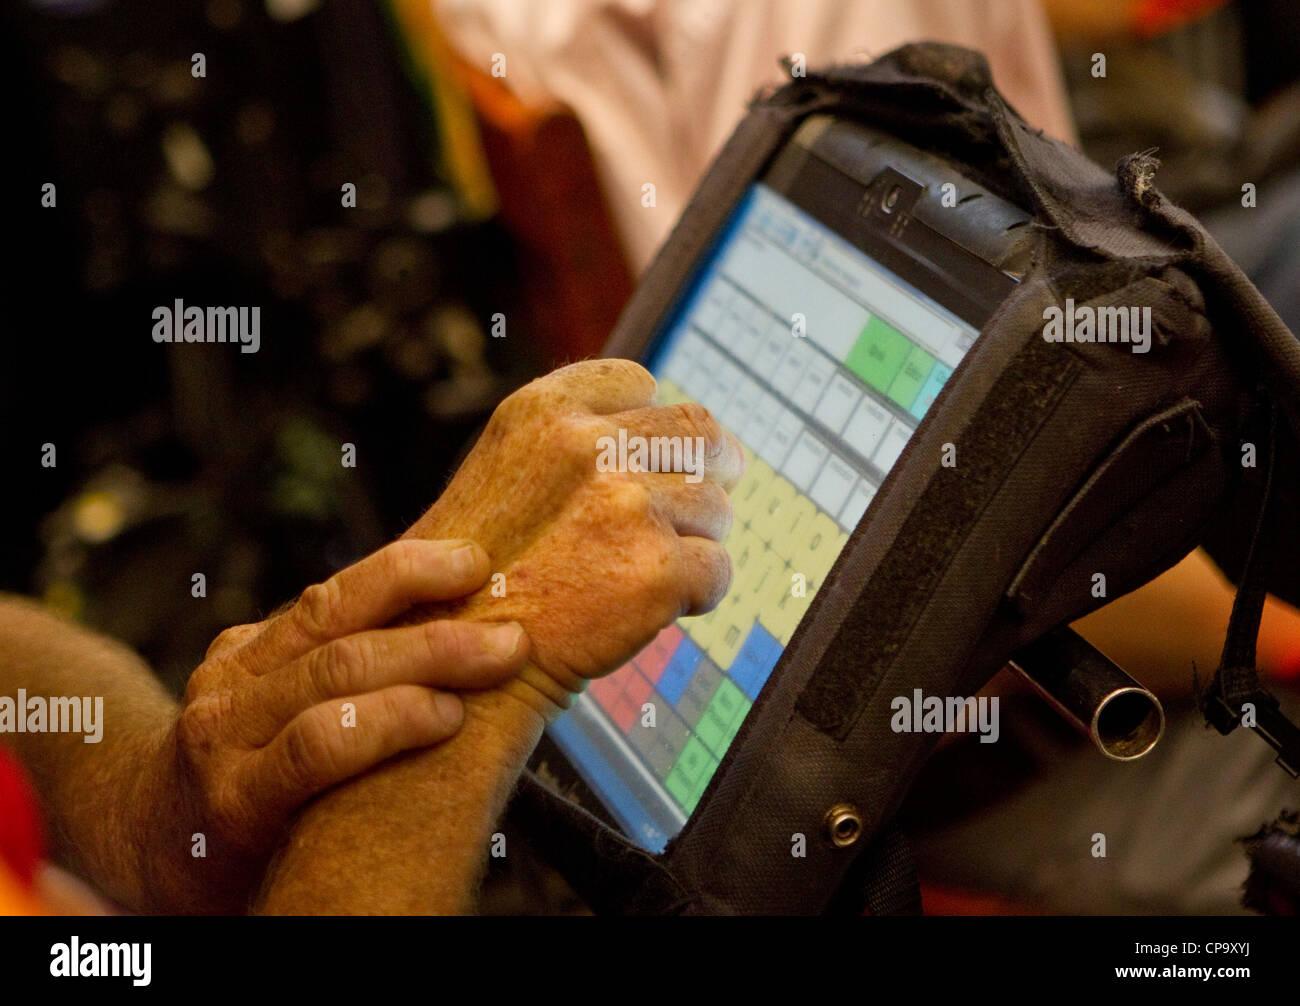 Körperlich behinderte Menschen verwendet spezielle Computer-Tastatur auf seinem Rollstuhl zu kommunizieren Stockfoto